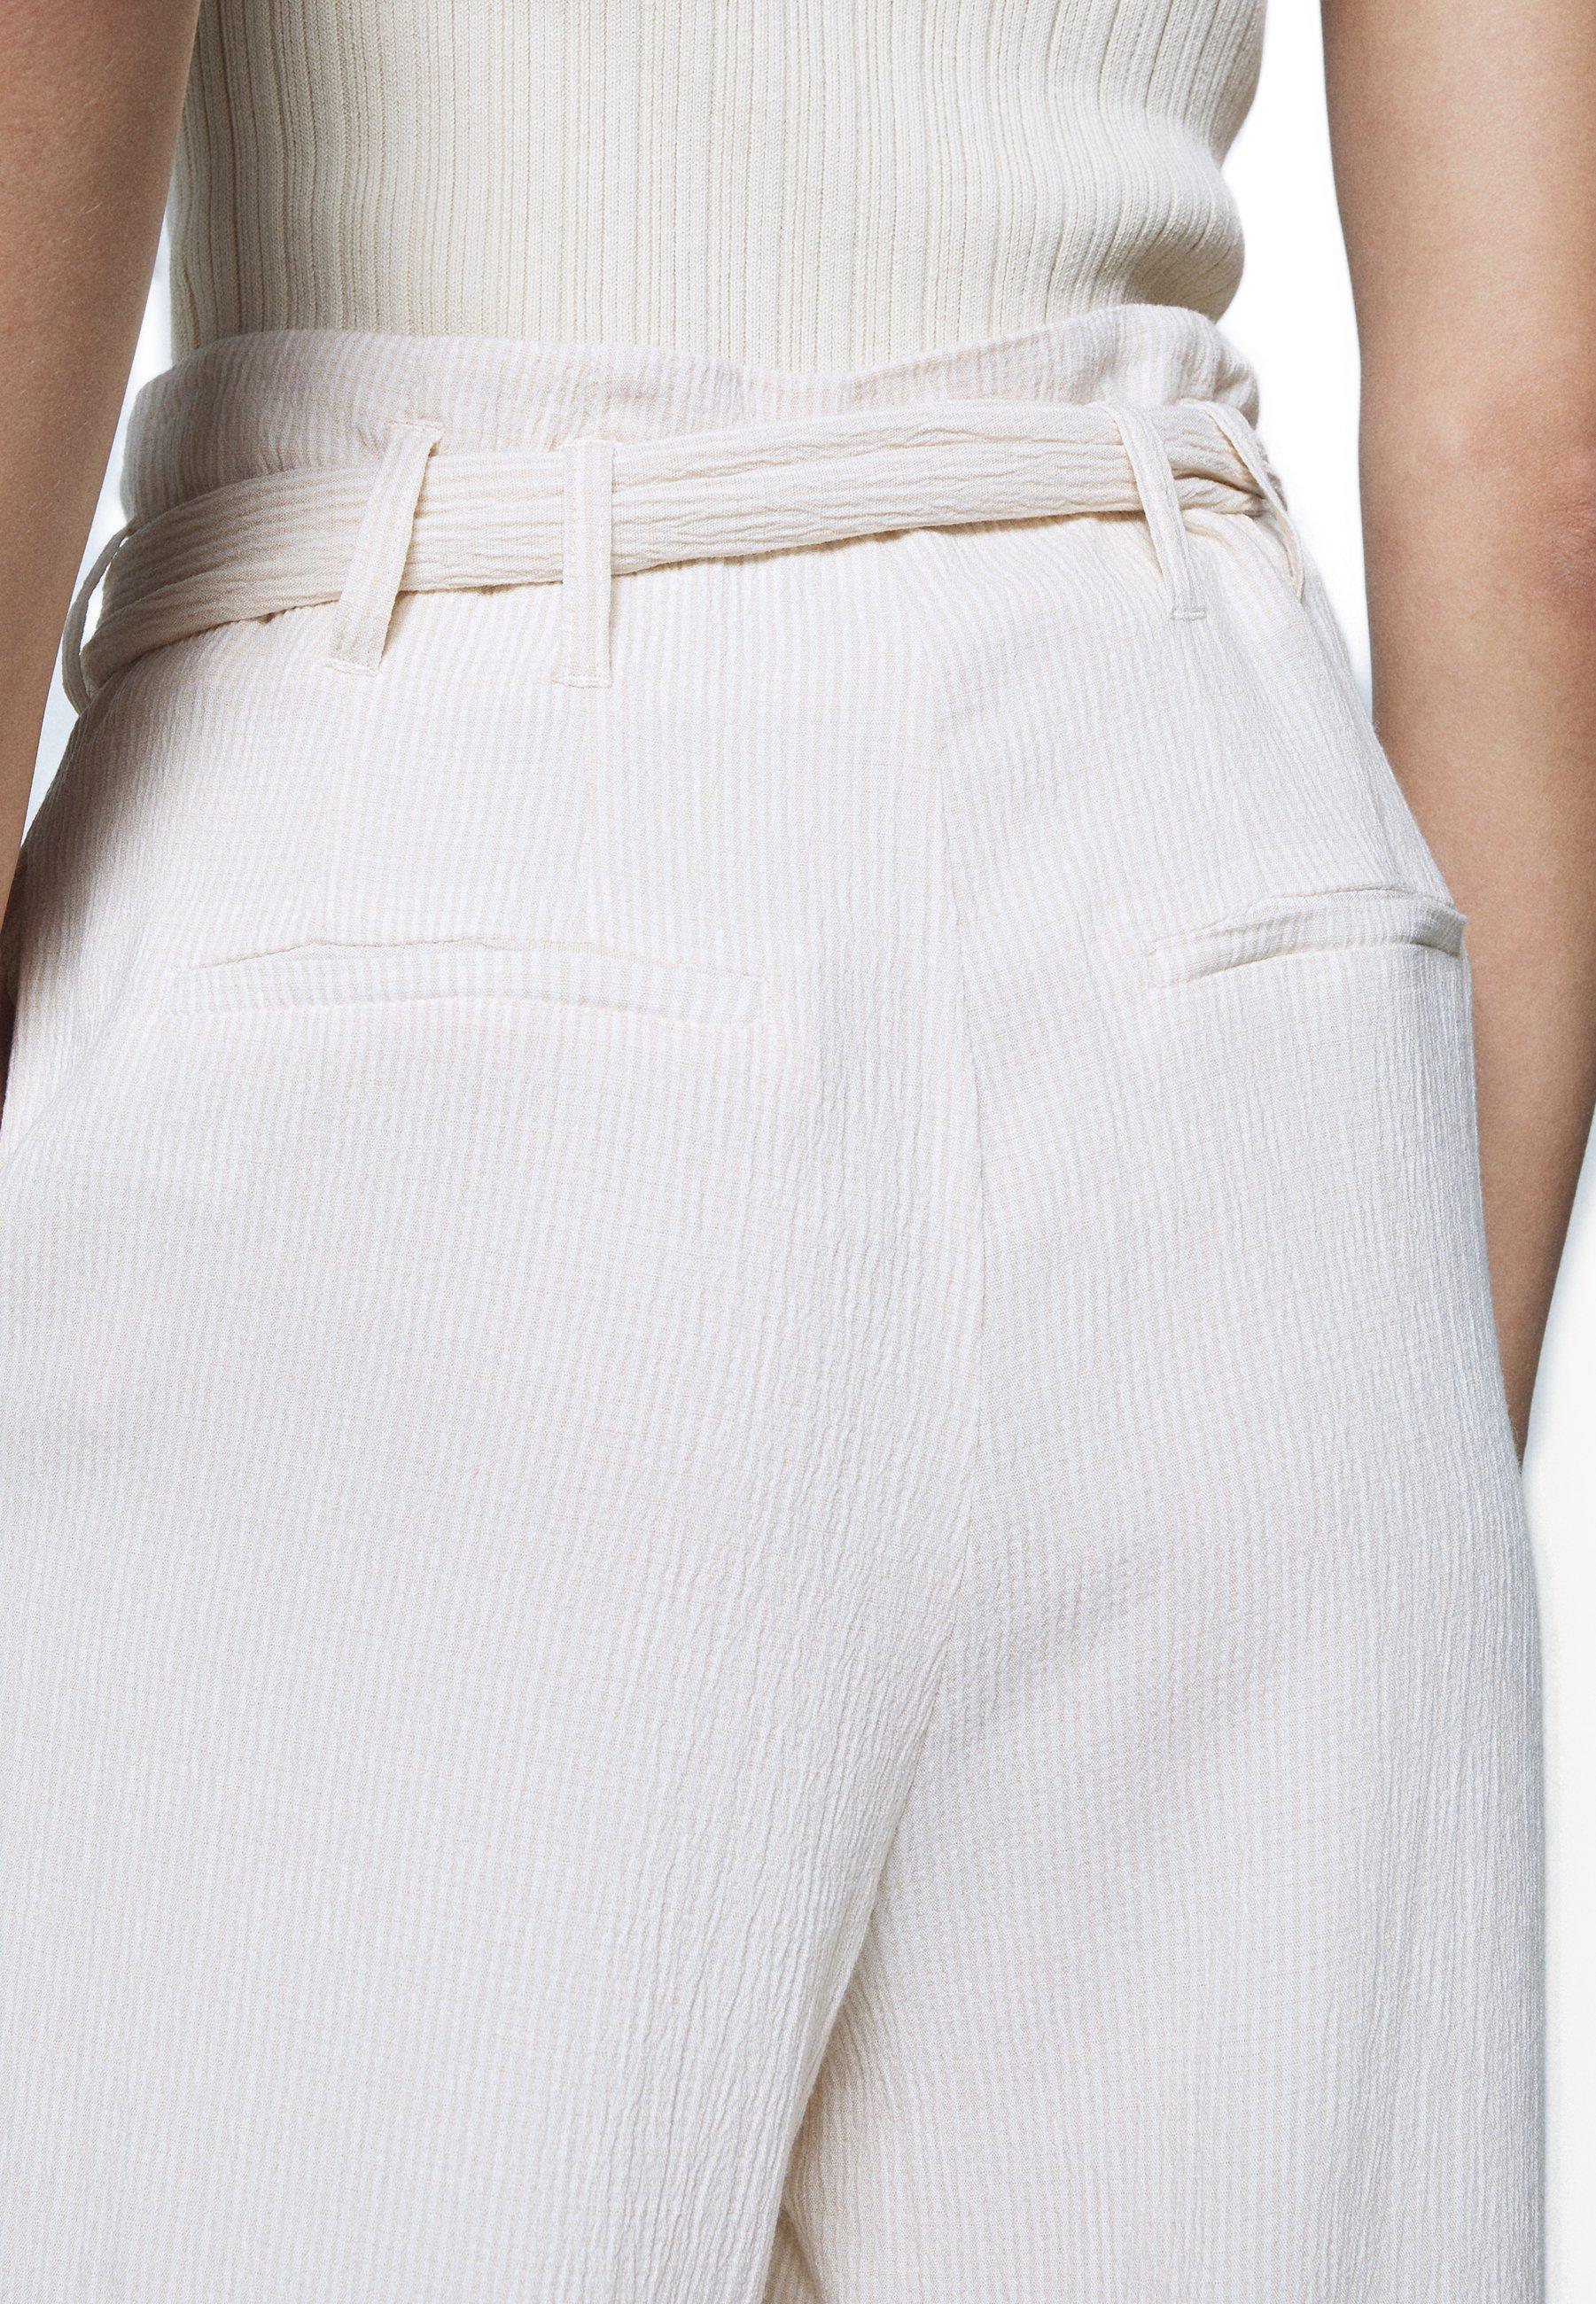 Samsøe Samsøe NELLIE TROUSERS - Bukse - warm white